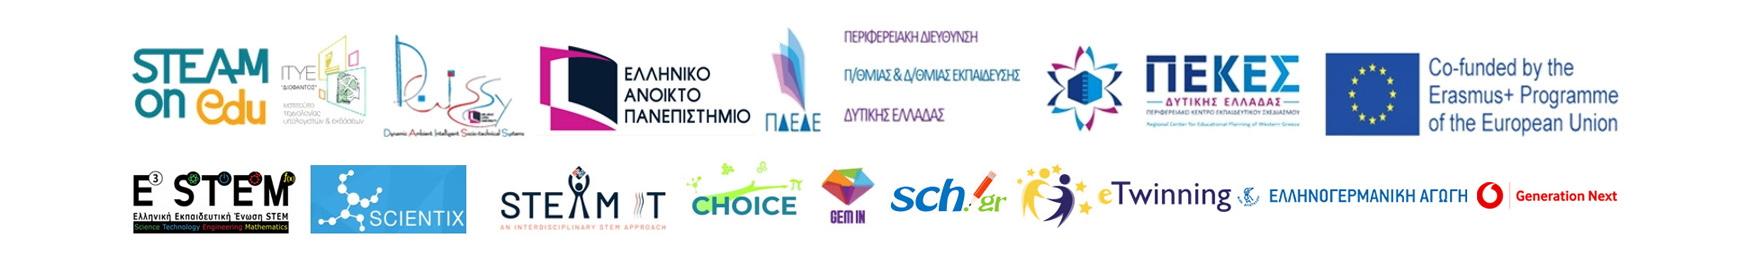 logos-banner-el_v3